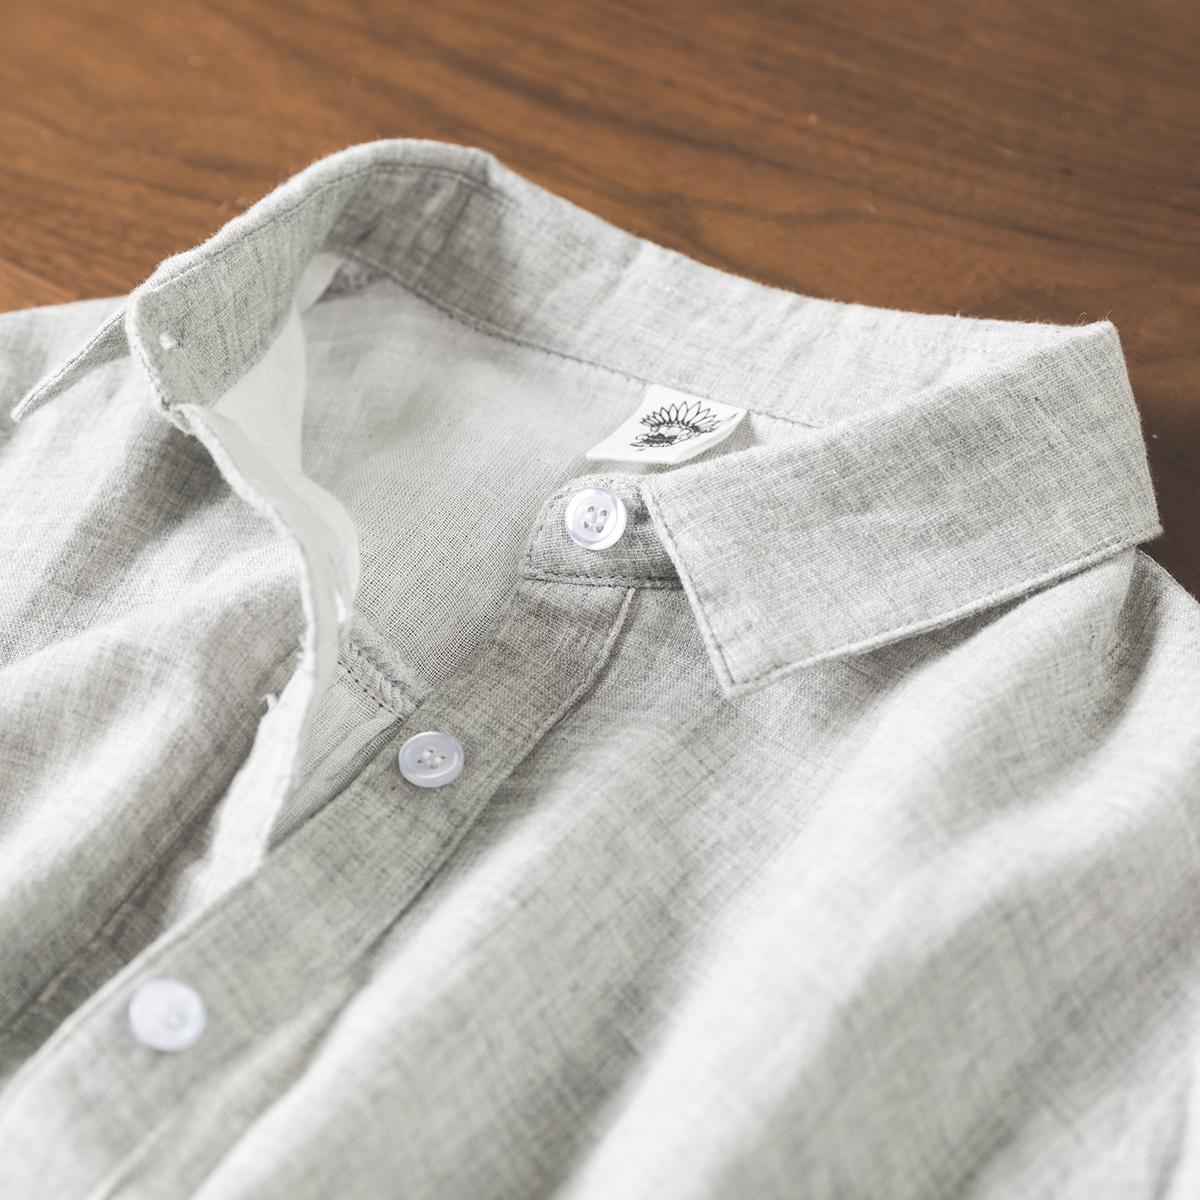 双层棉纱浅灰色衬衫女纯棉衬衣长袖翻领时尚洋气复古港味春夏上衣